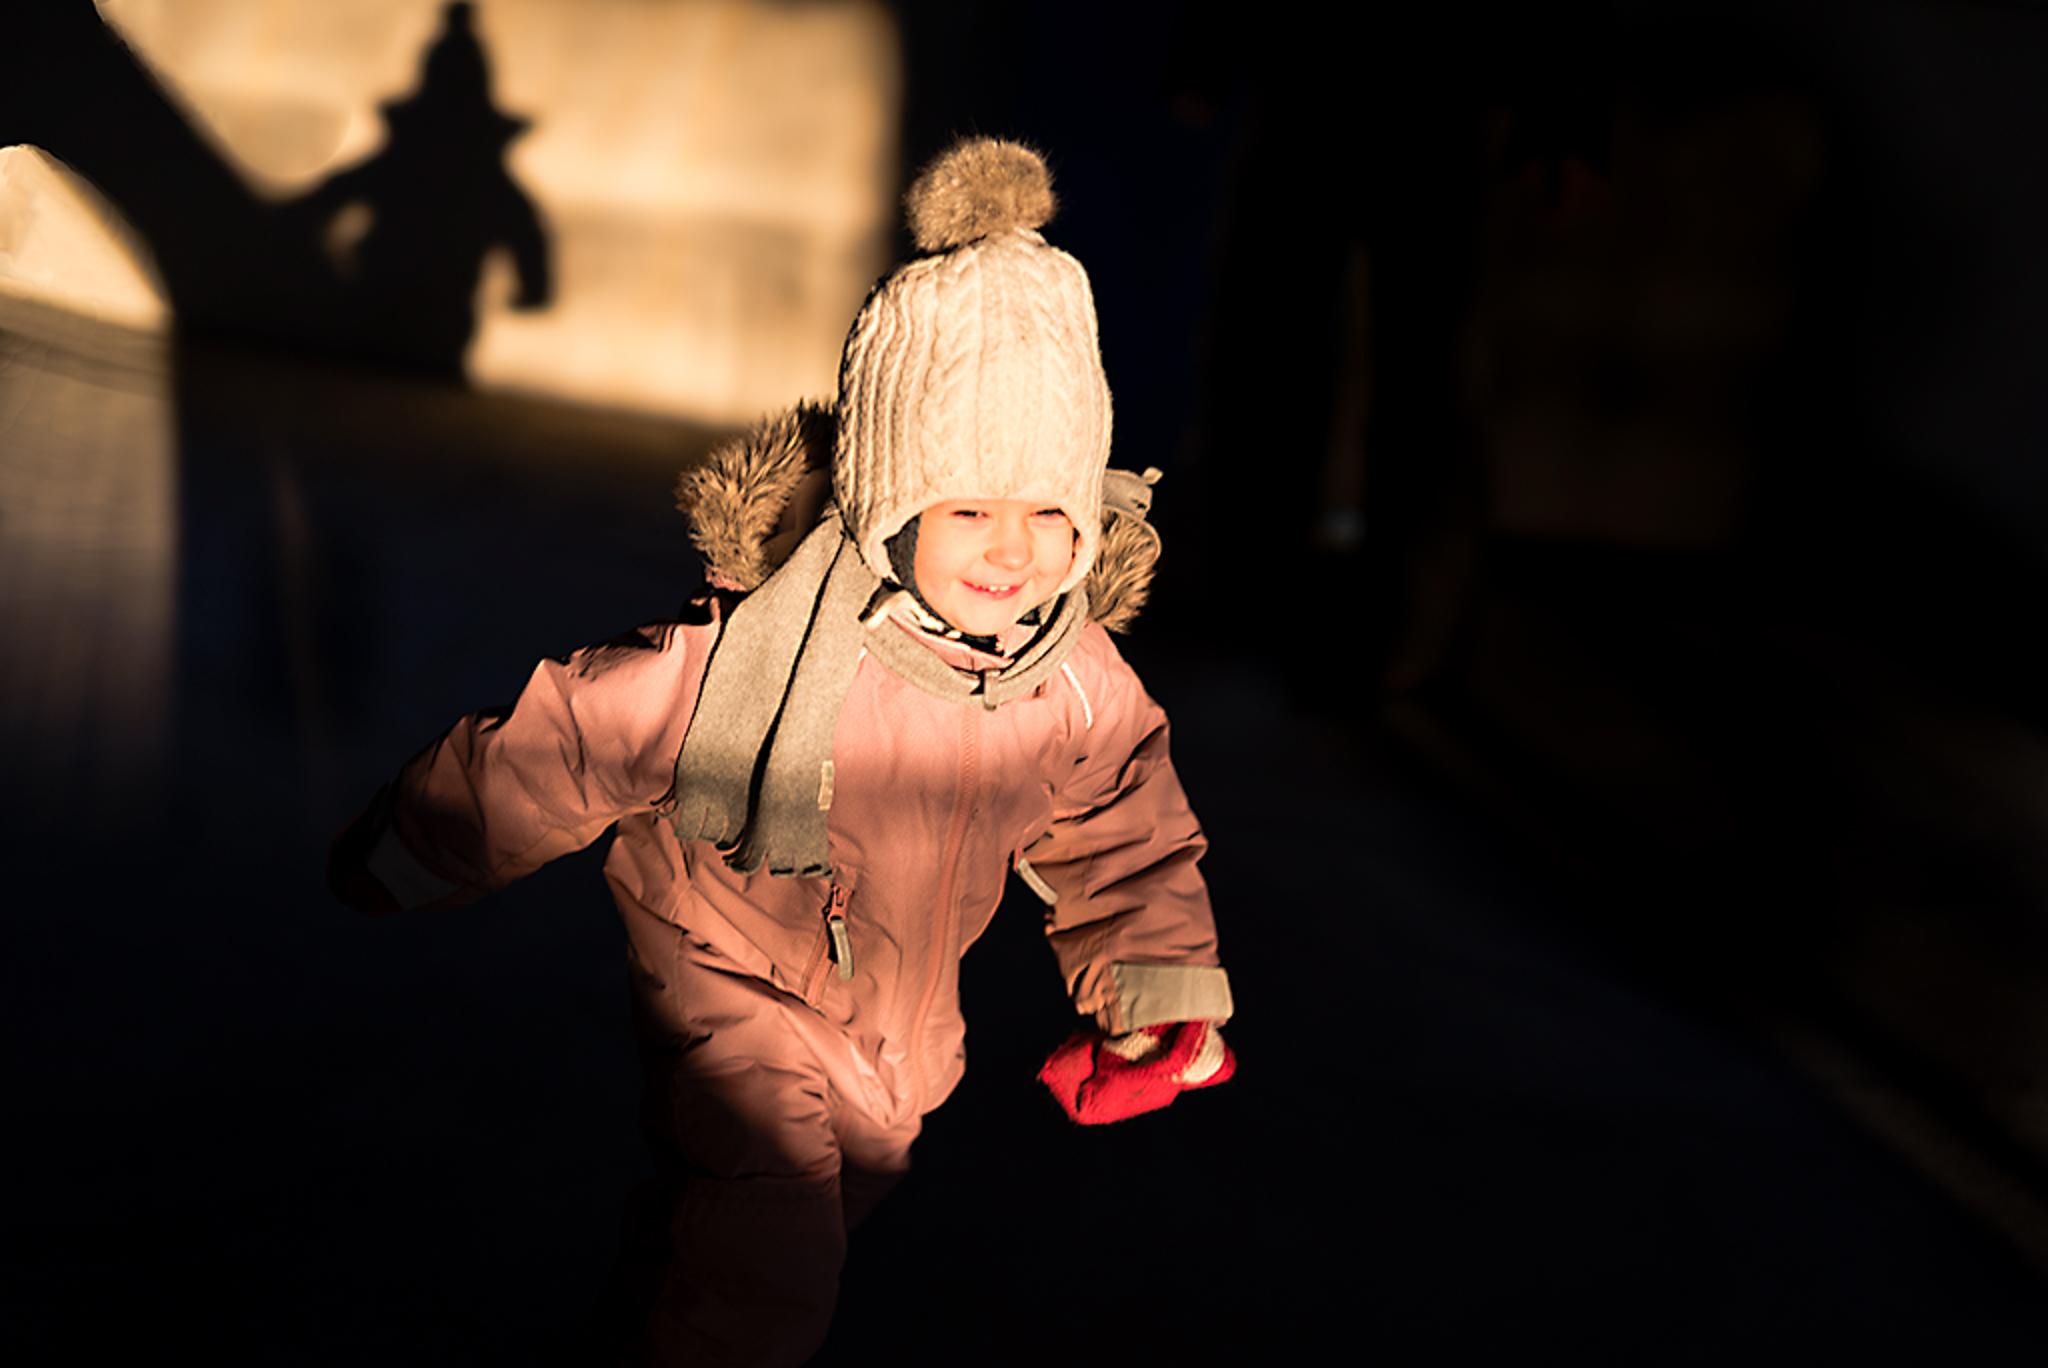 child running in evening light